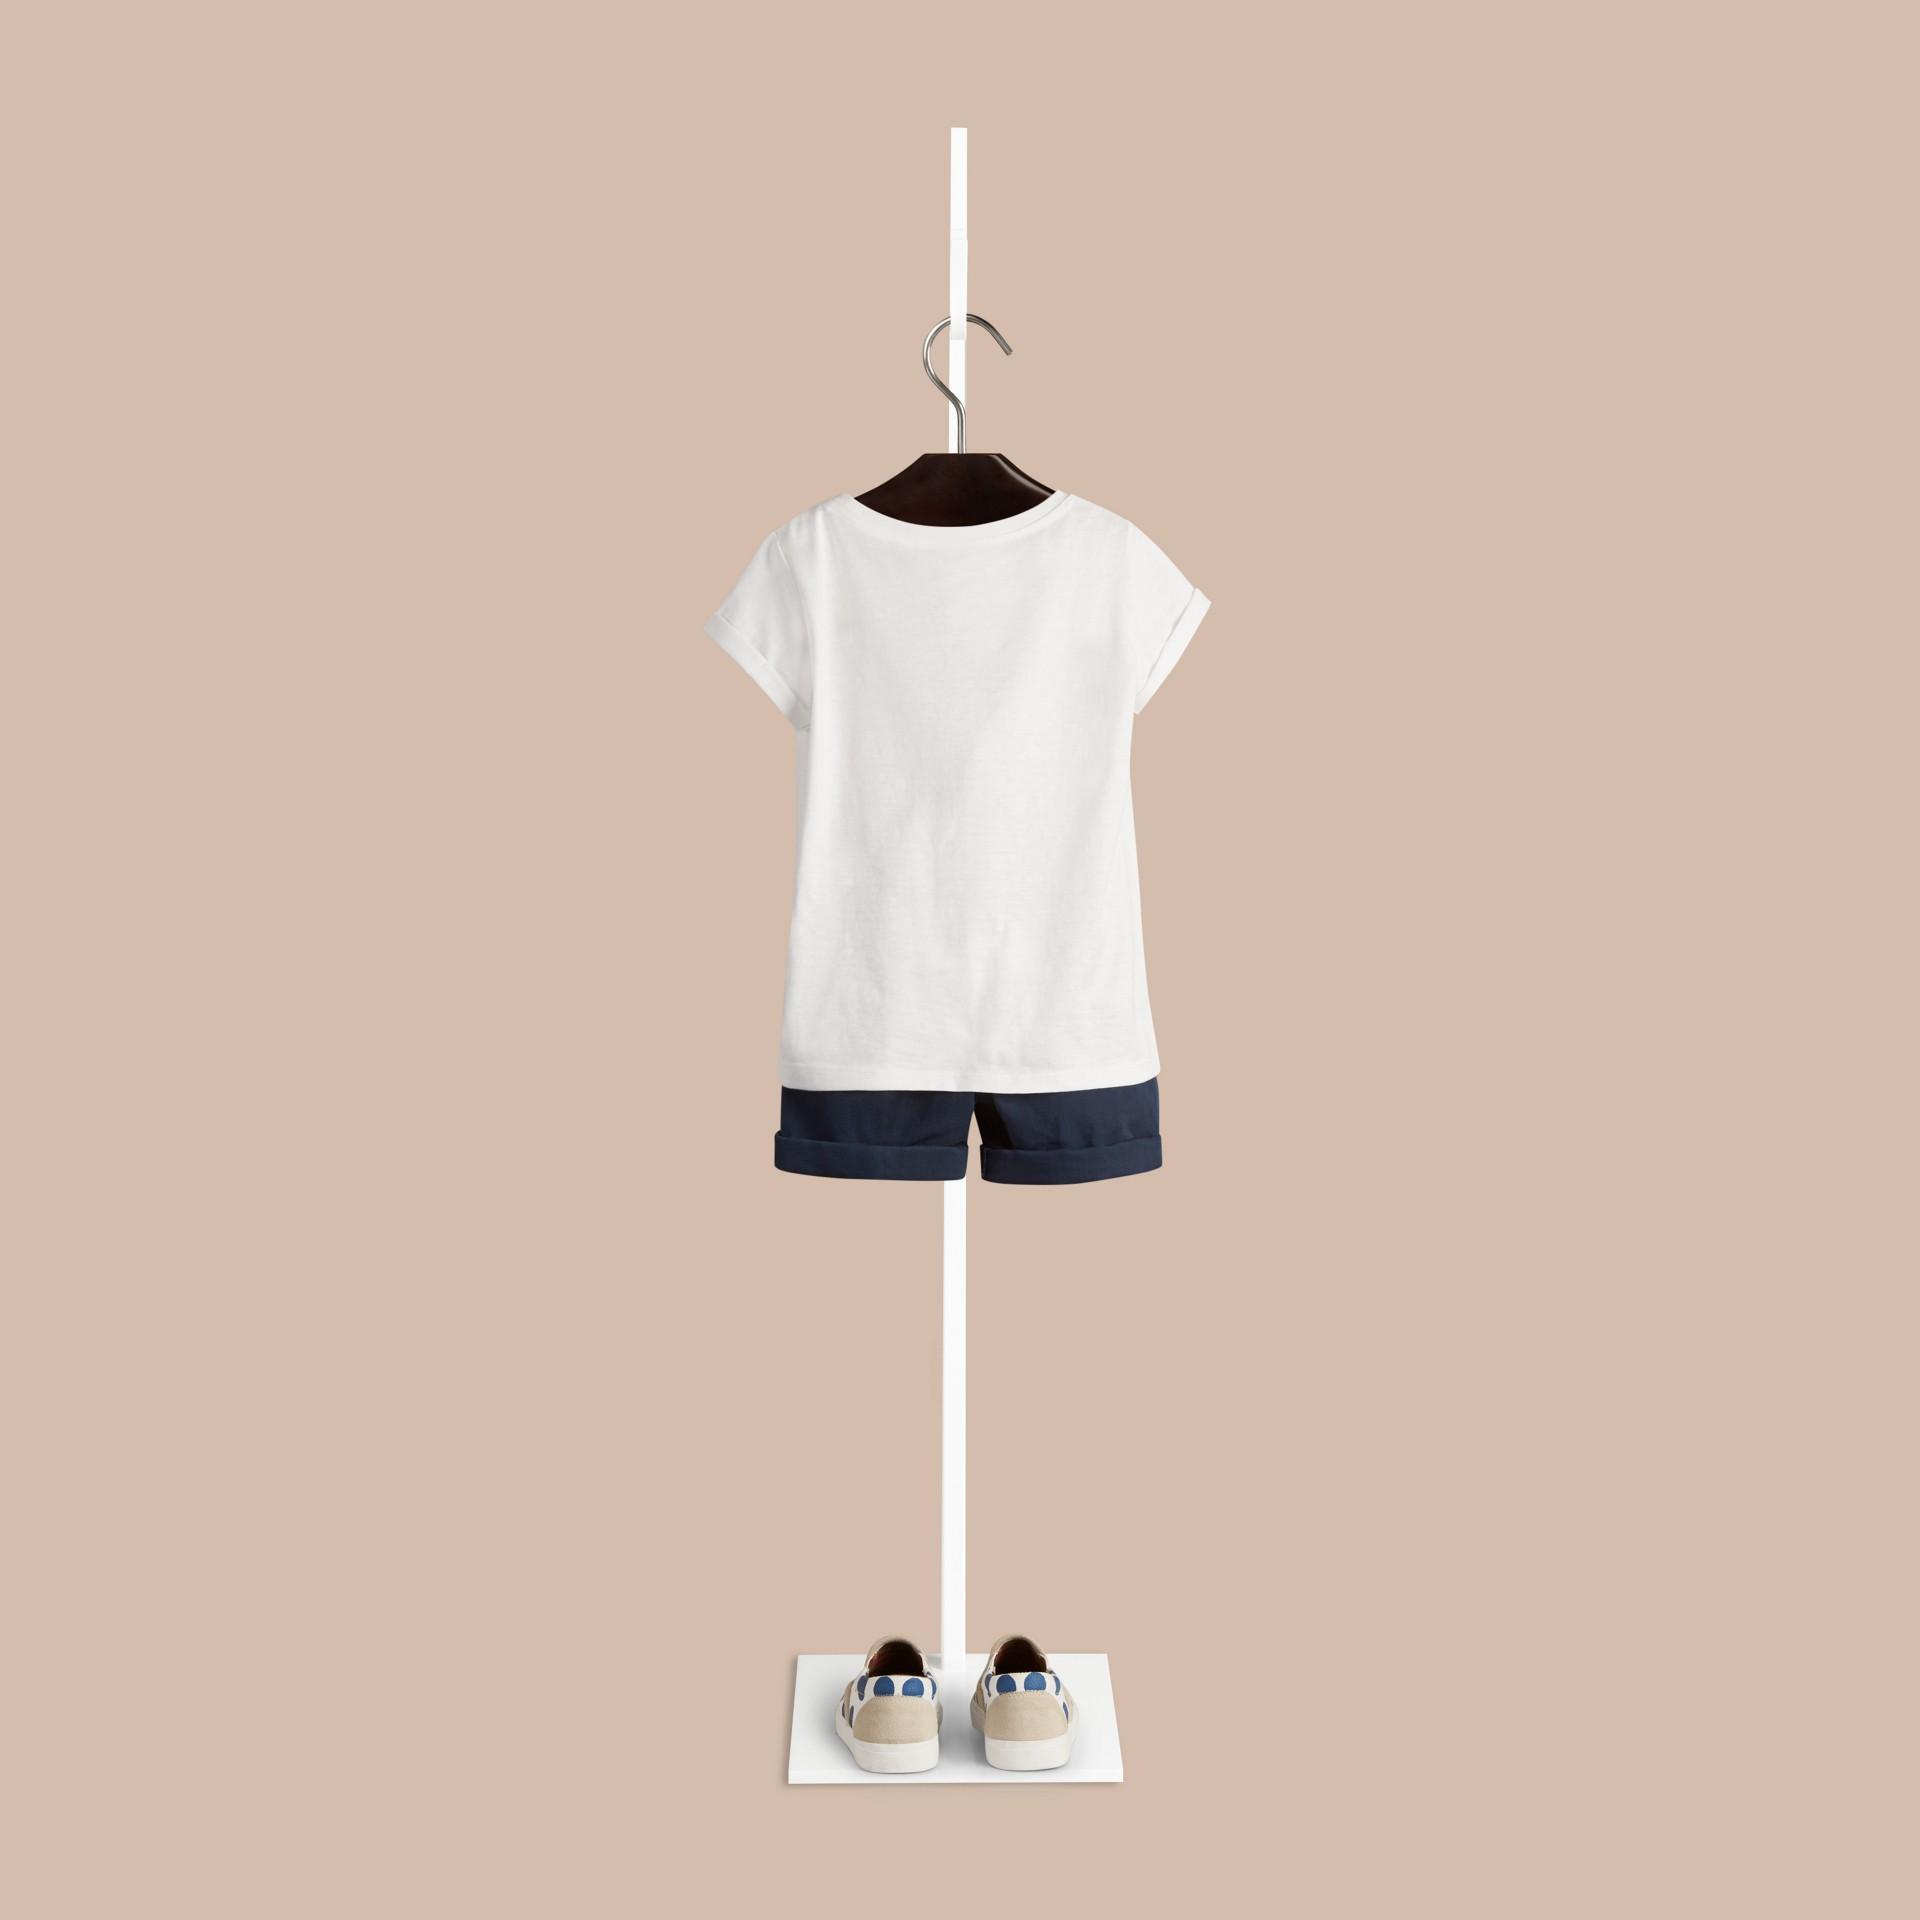 ホワイト ハローサンシャイン・グラフィック・コットンTシャツ - ギャラリーイメージ 2